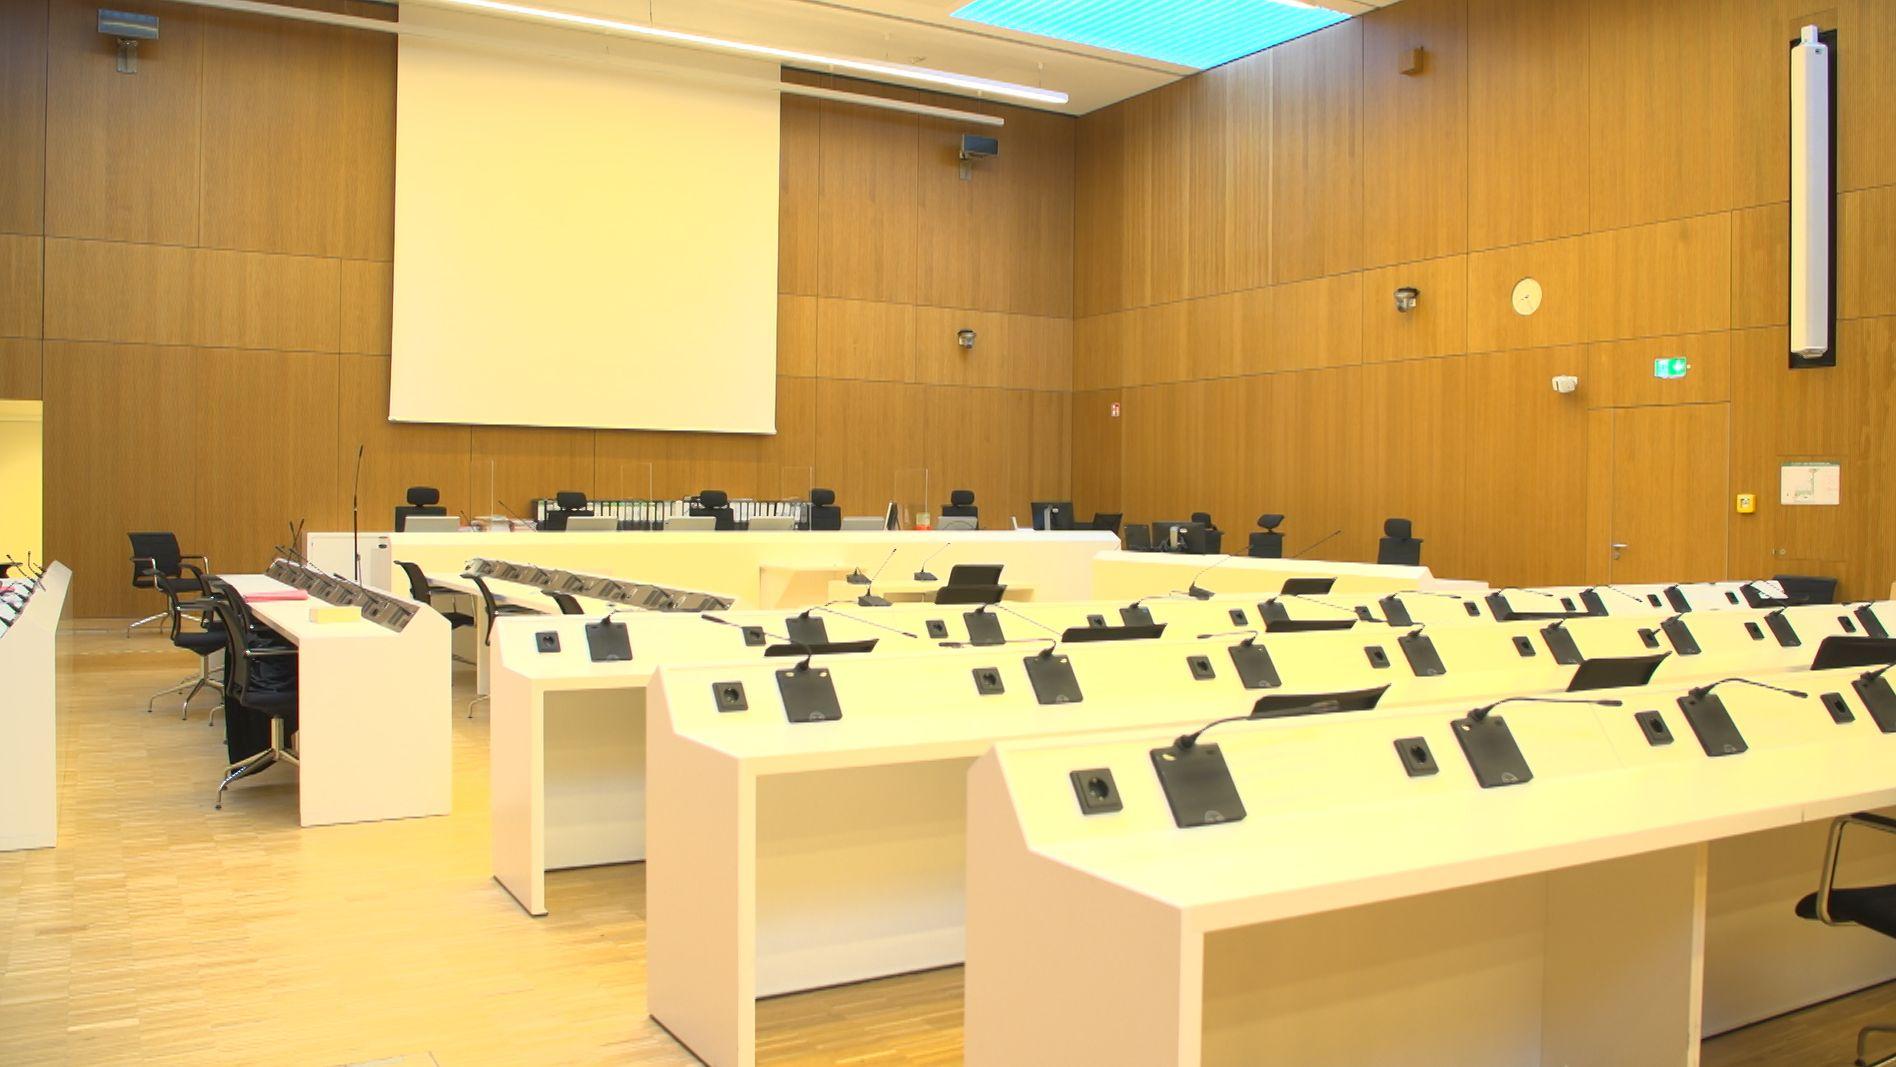 Der Saal der JVA Stadelheim von innen.